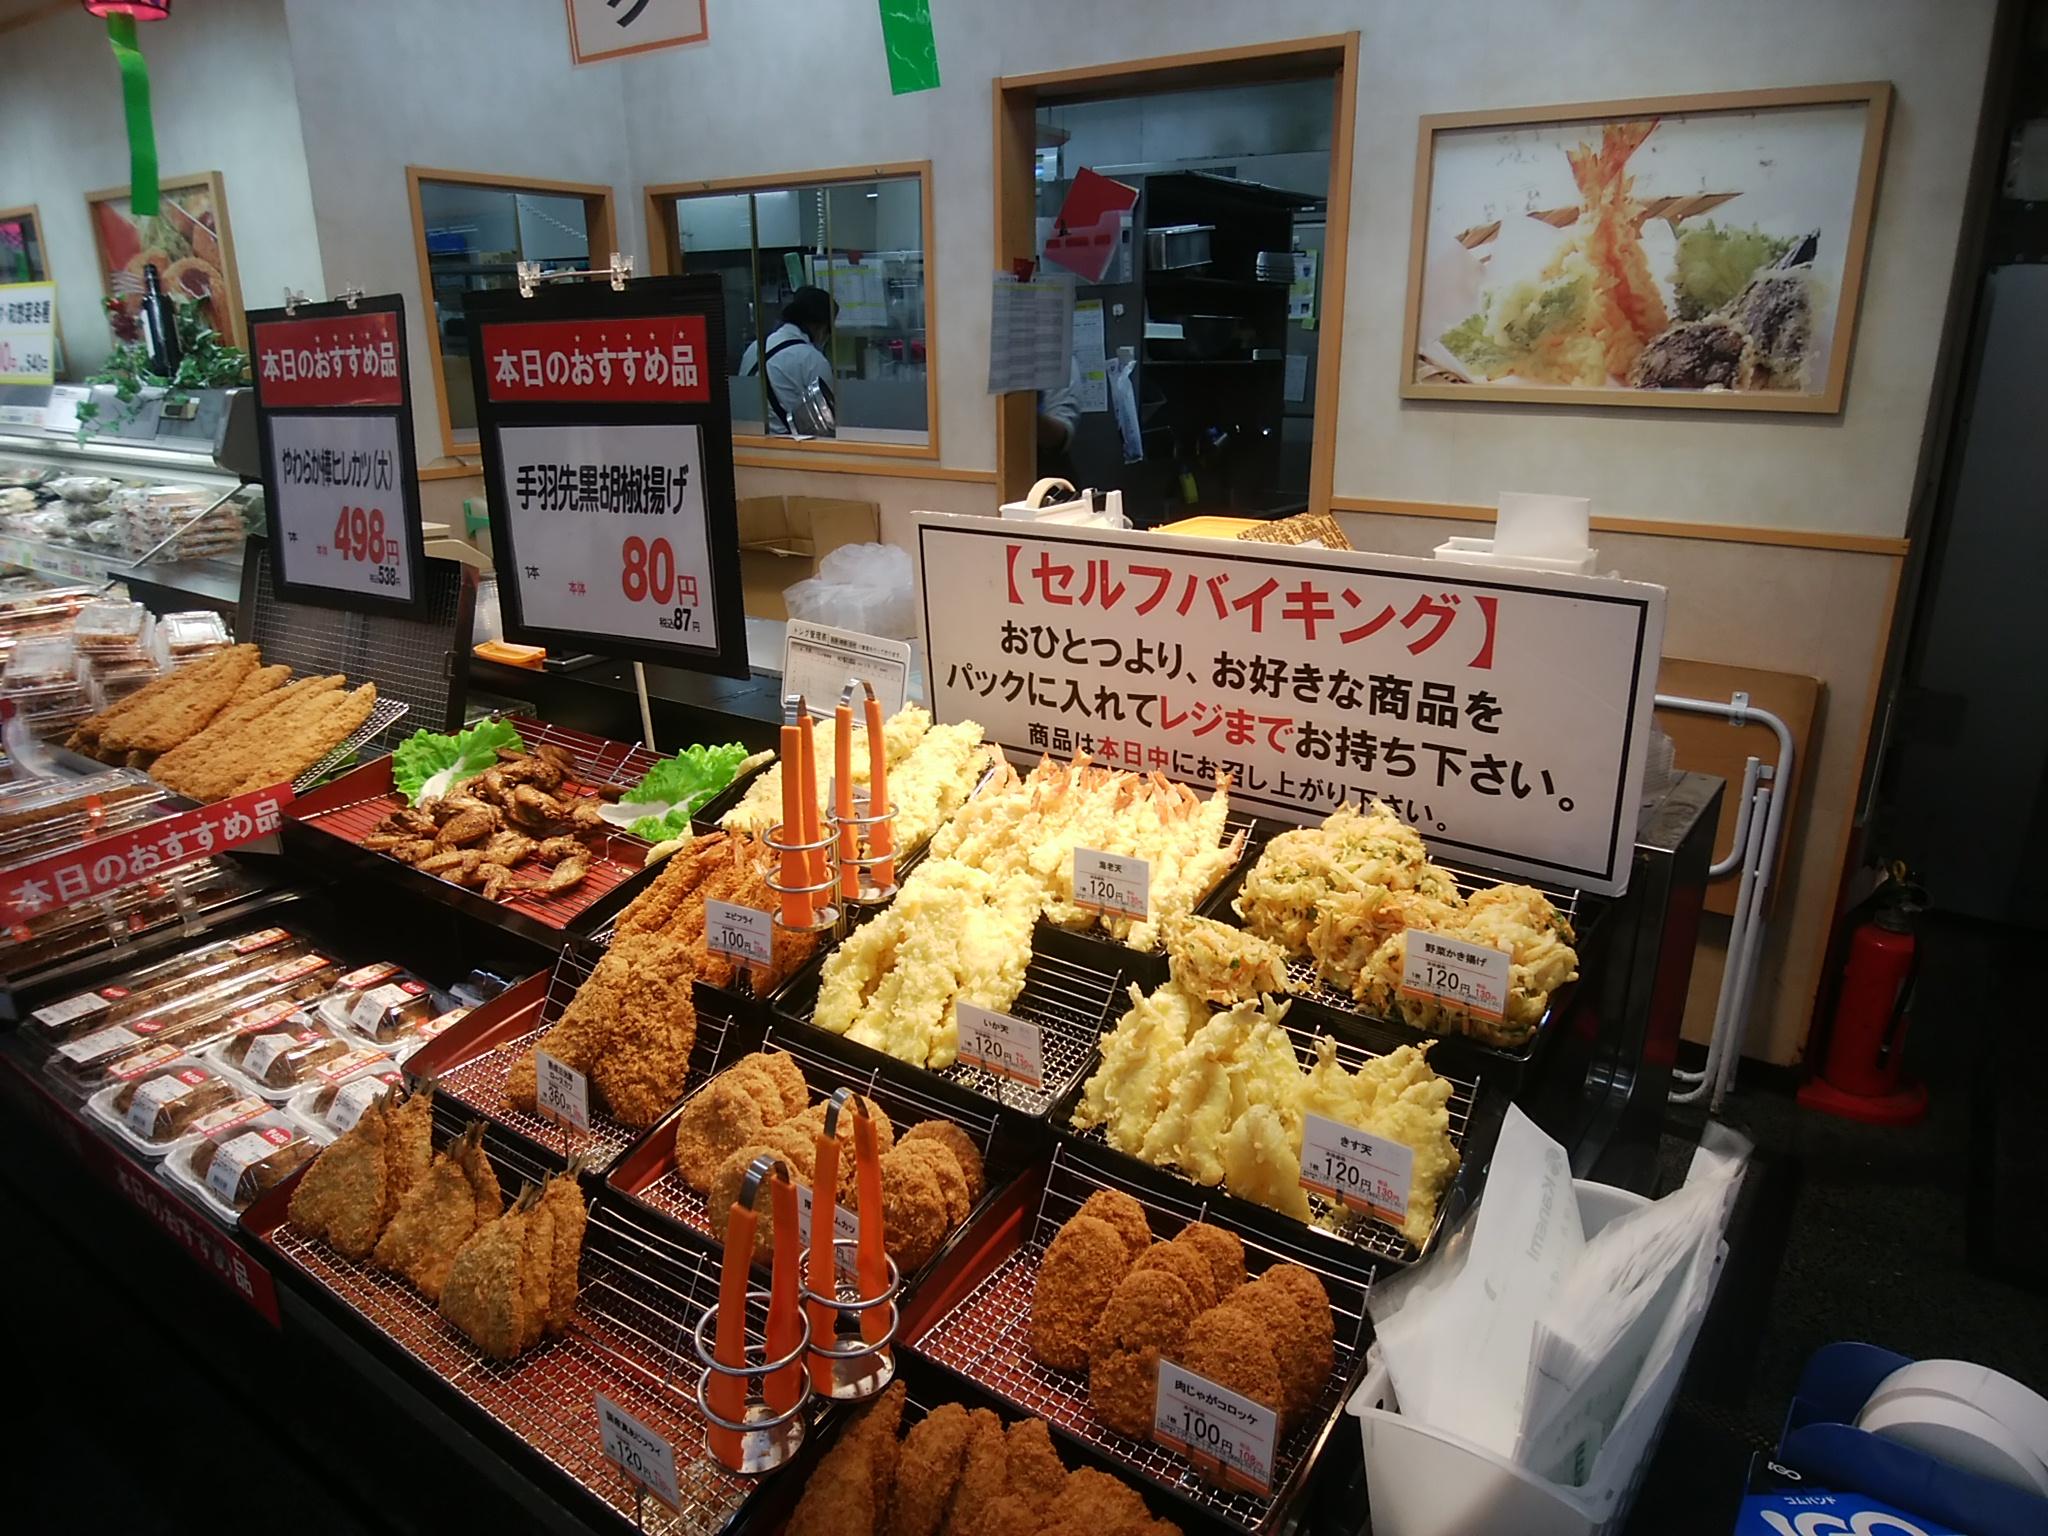 カネ美食品株式会社 ピアゴ丸岡店【動画PRあり】